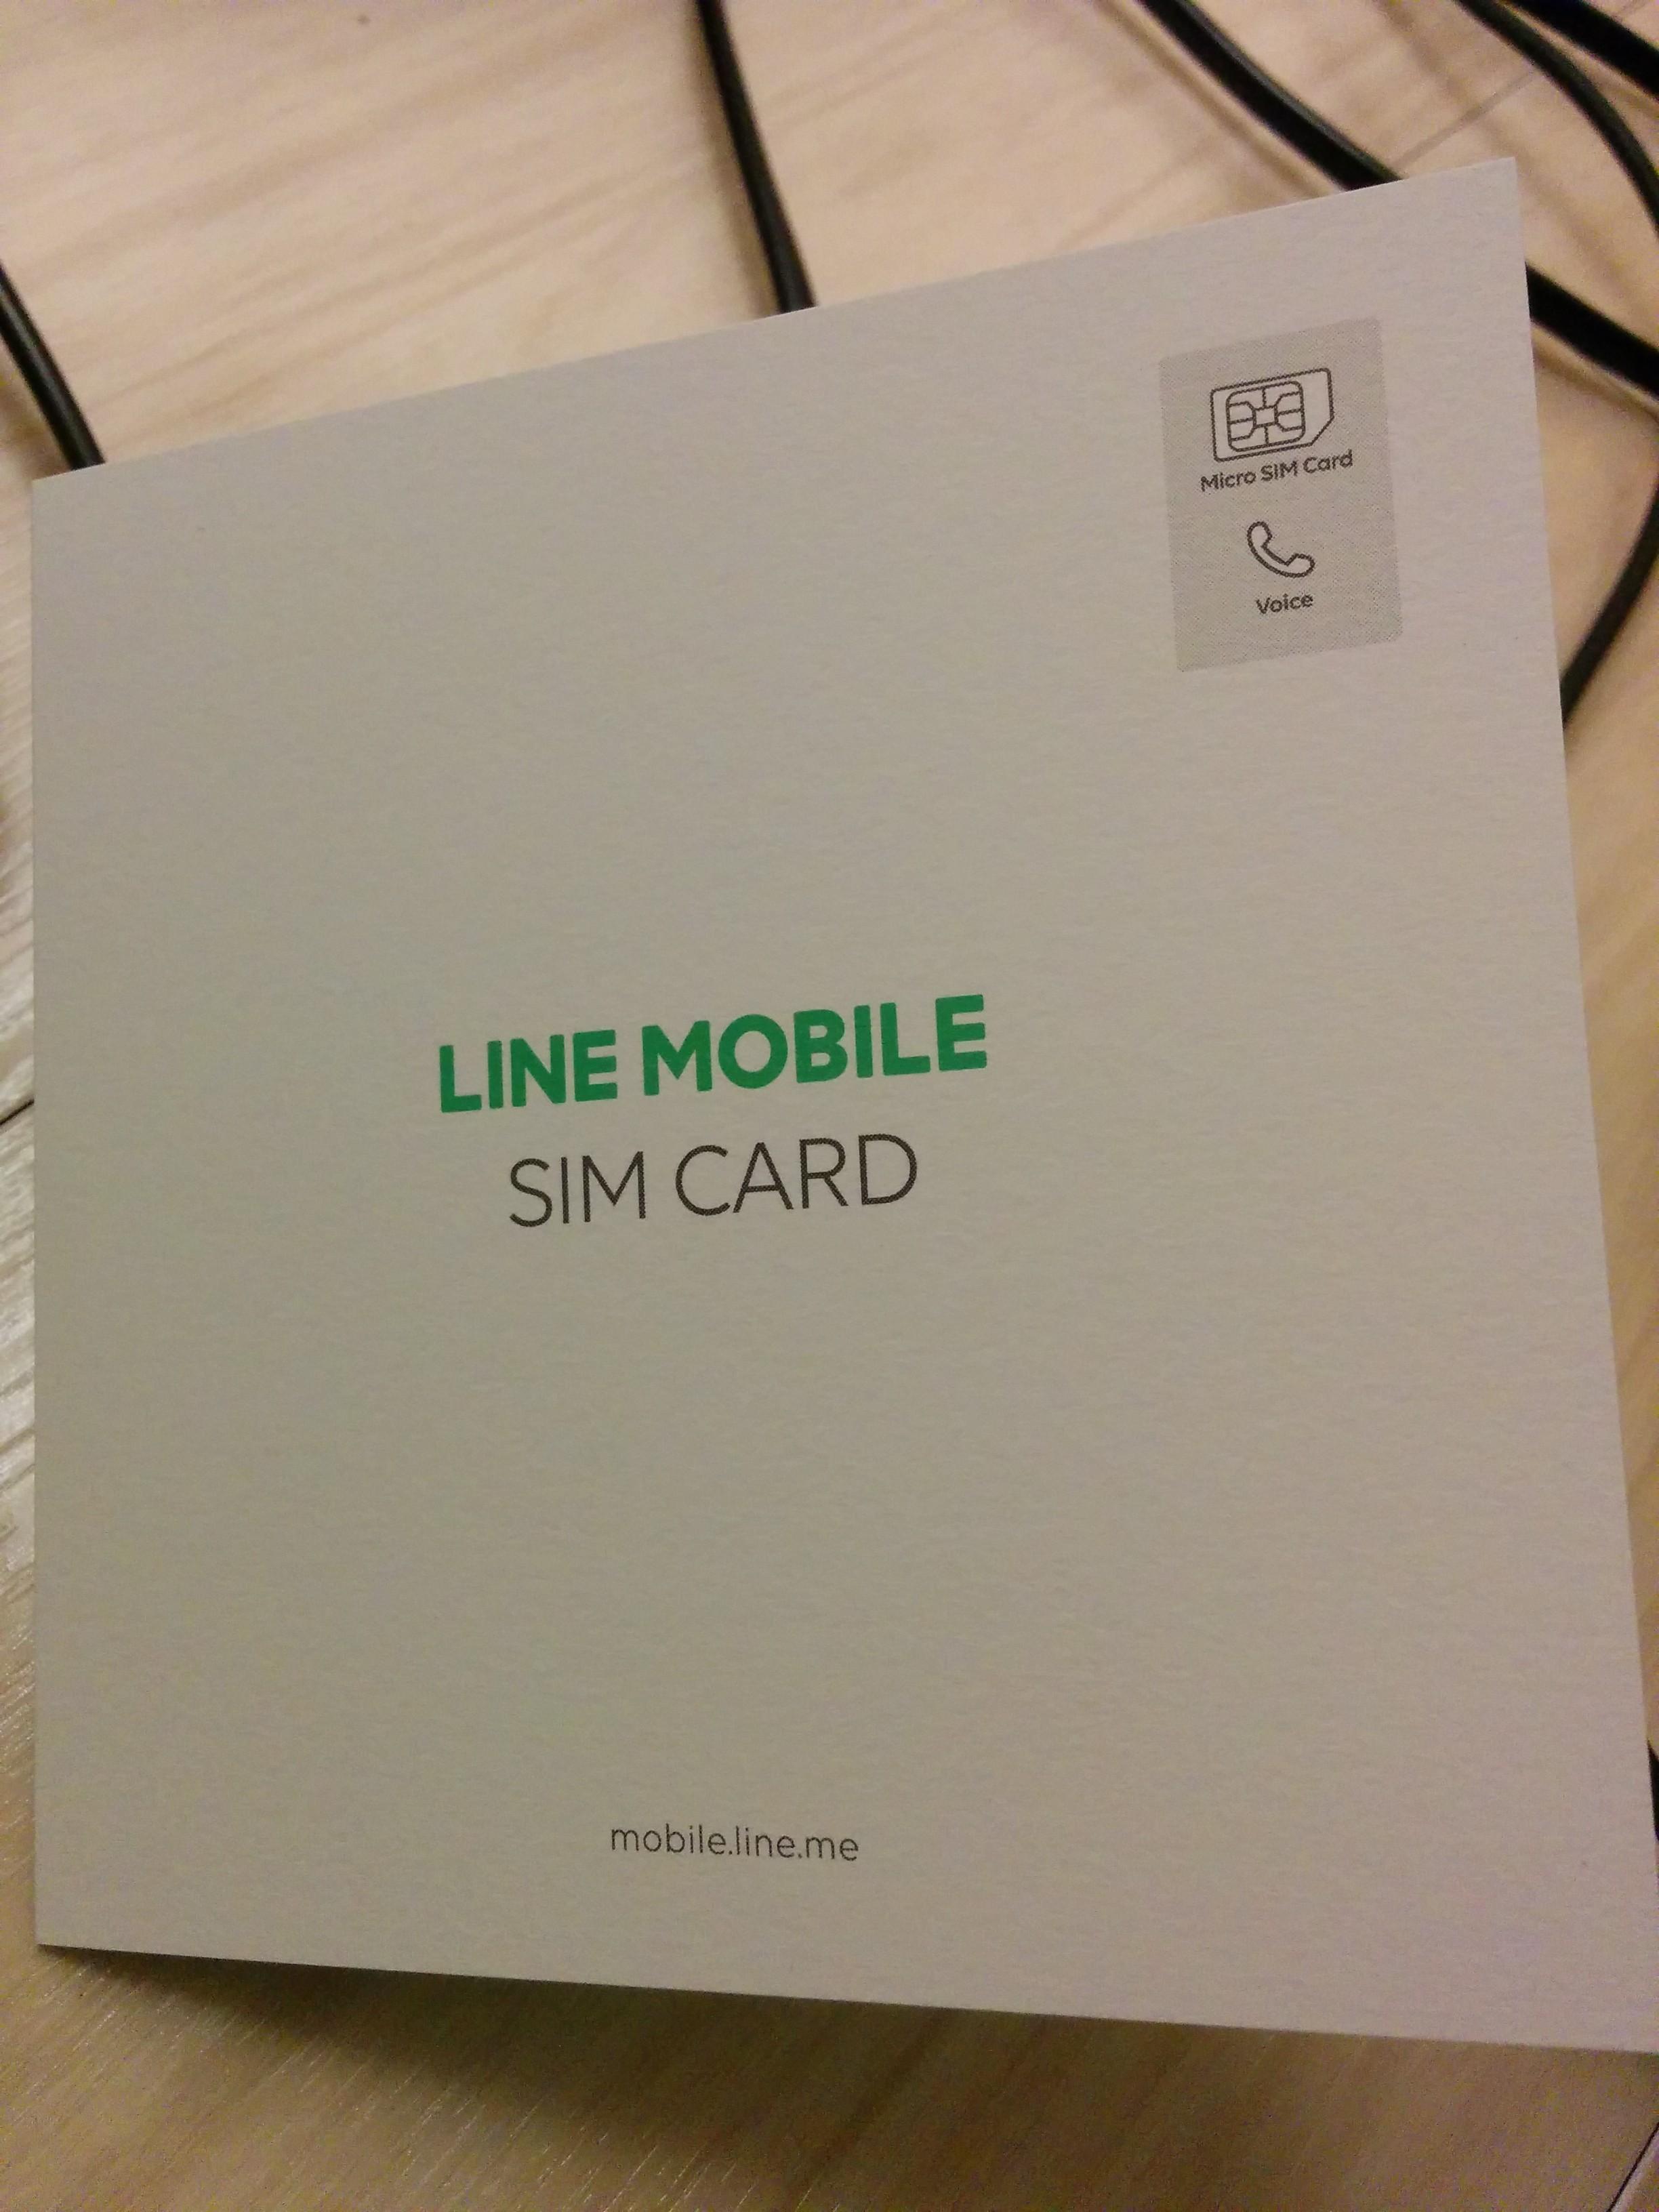 LINEモバイルのUSBテザリングでPCをネット接続すると初めは快適